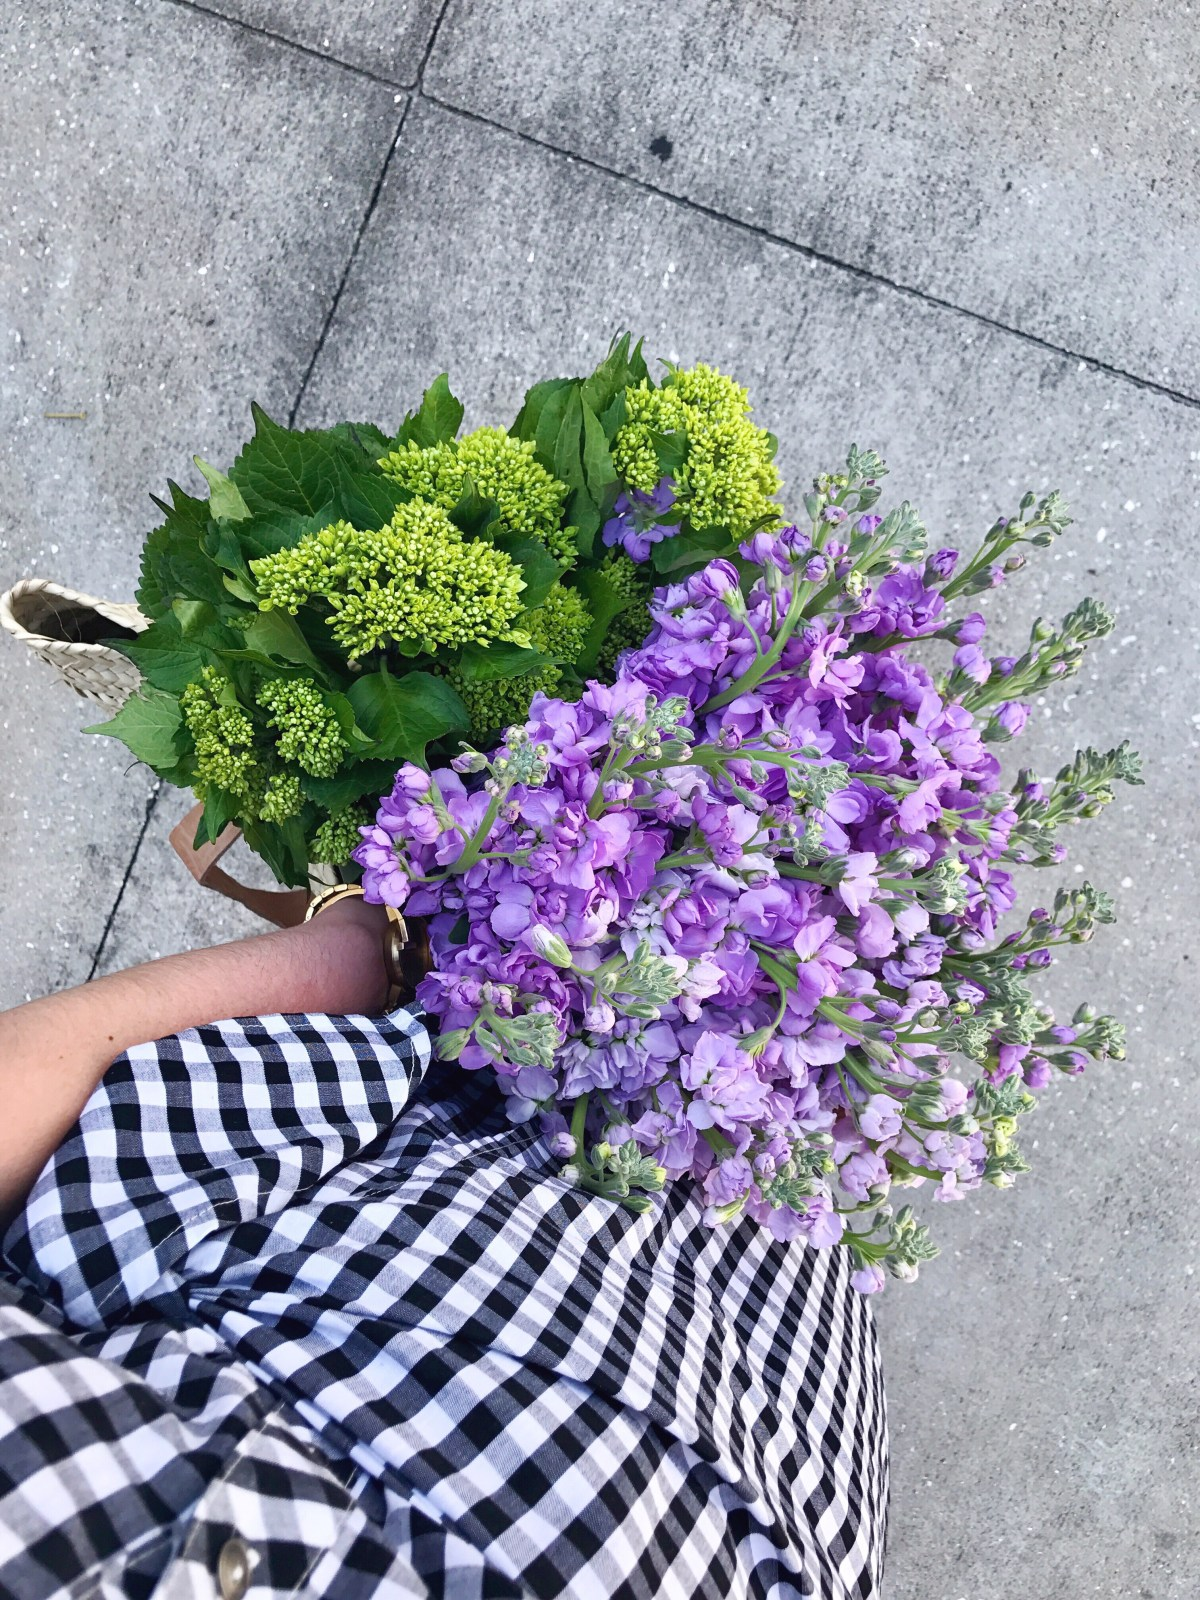 style blog, flowers in handbag, green hydrangea, lavender stock flower, gingham dress